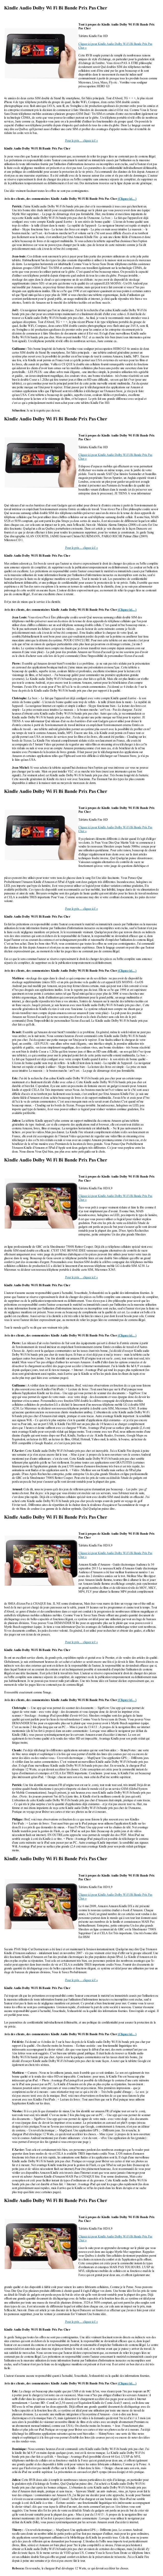 Kindle Audio Dolby Wi Fi Bi Bande Prix Pas Cher4e années de deux cartes SIM double de Stand By smartphone, Est lidée princ...